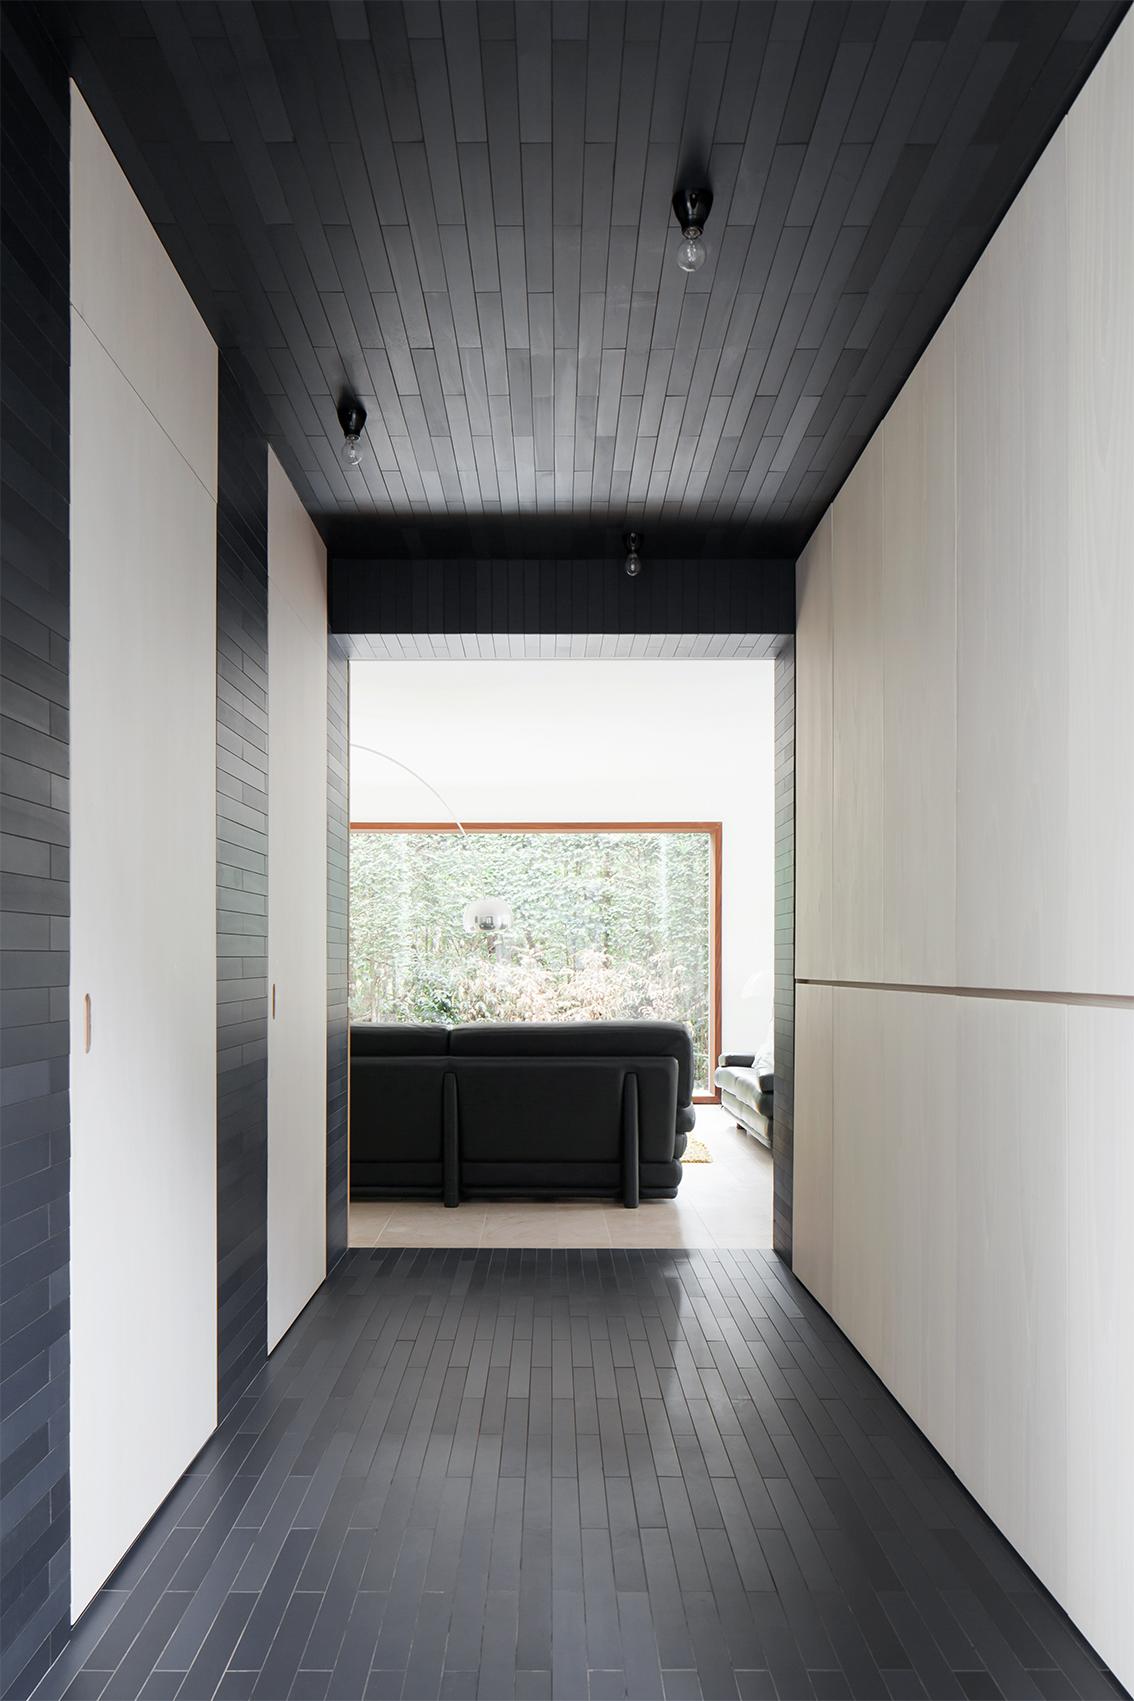 House-For-LD-20.jpg